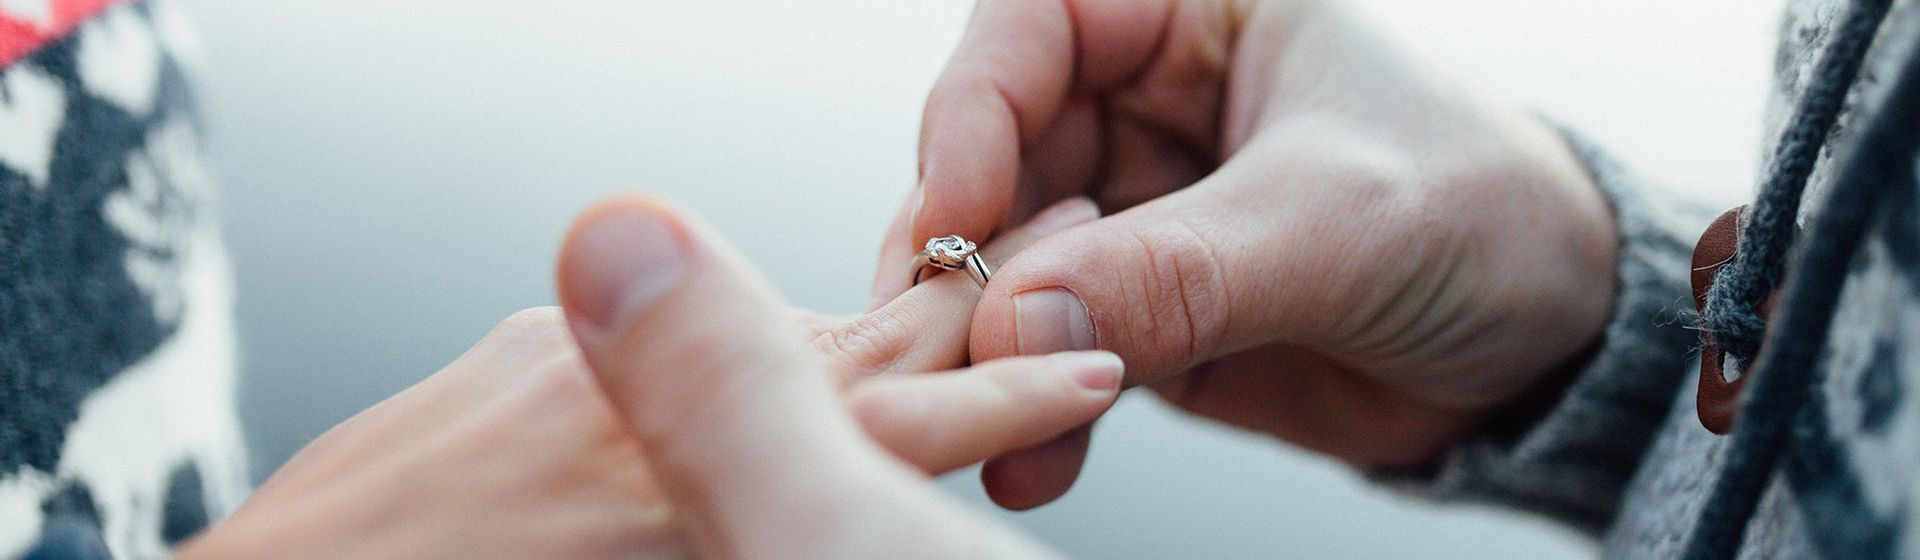 Een man die een ring om de ringvinger schuift bij zijn verloofde | Het Notarieel